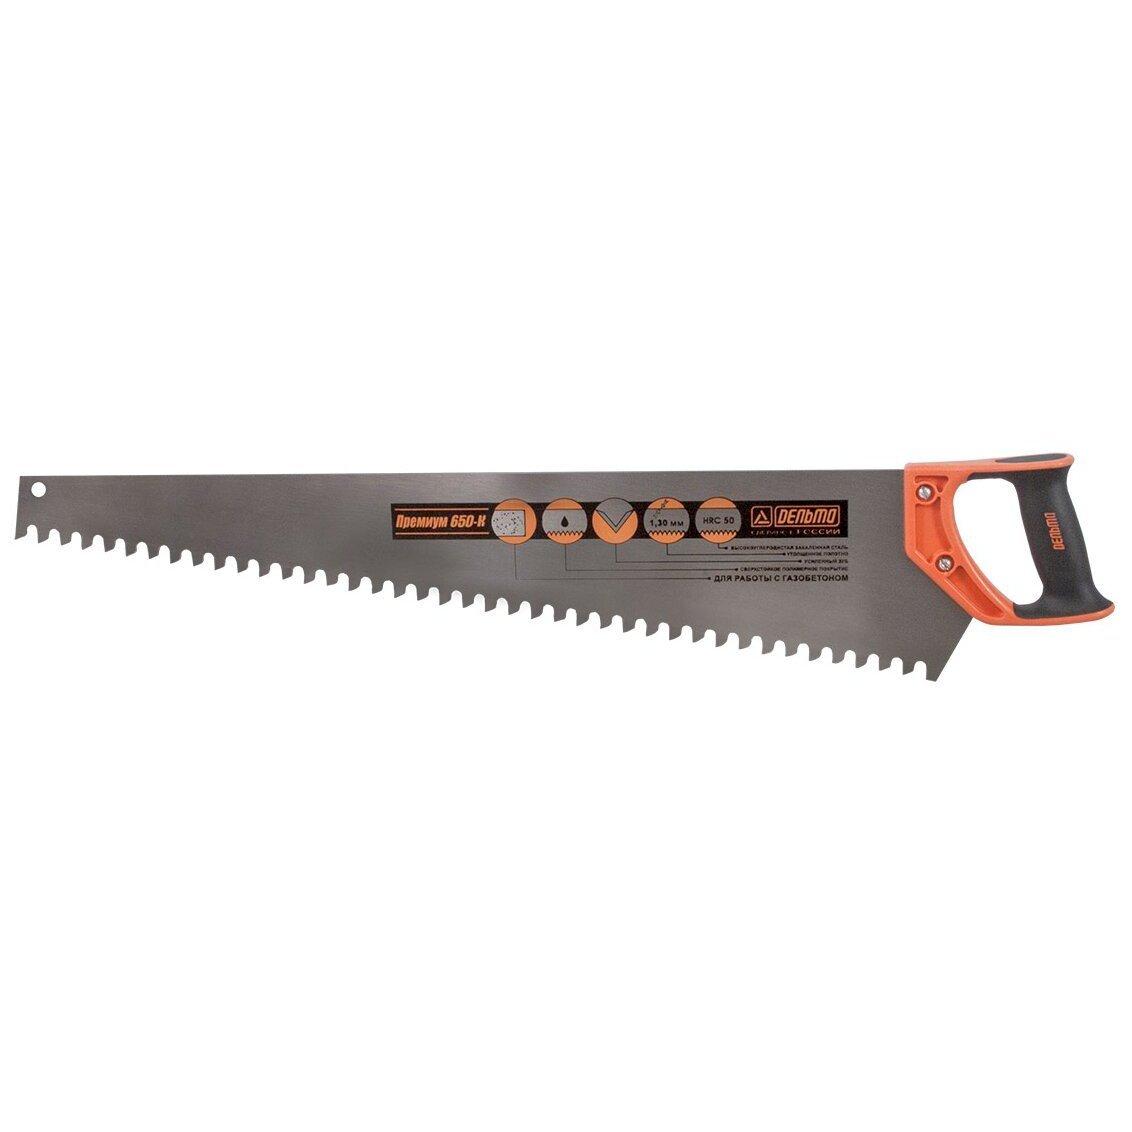 Ножовка по ячеистому бетону 650 мм Дельта Премиум 650 К (10113)